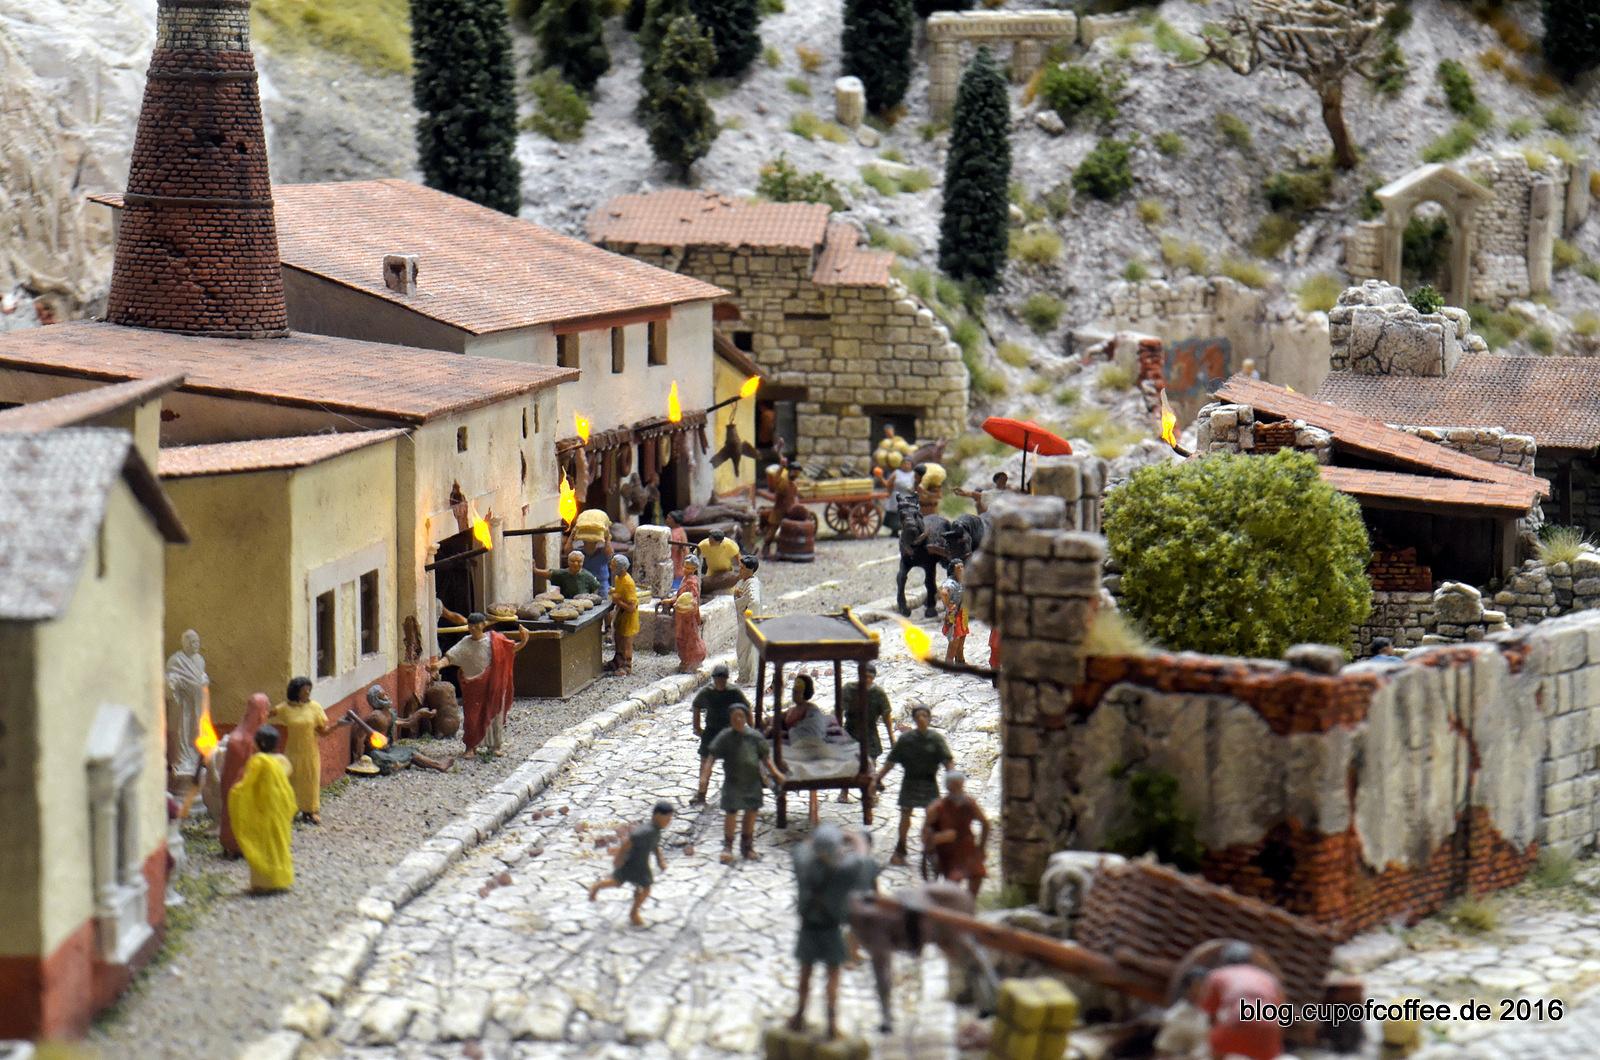 Straßenszene in Pompeji